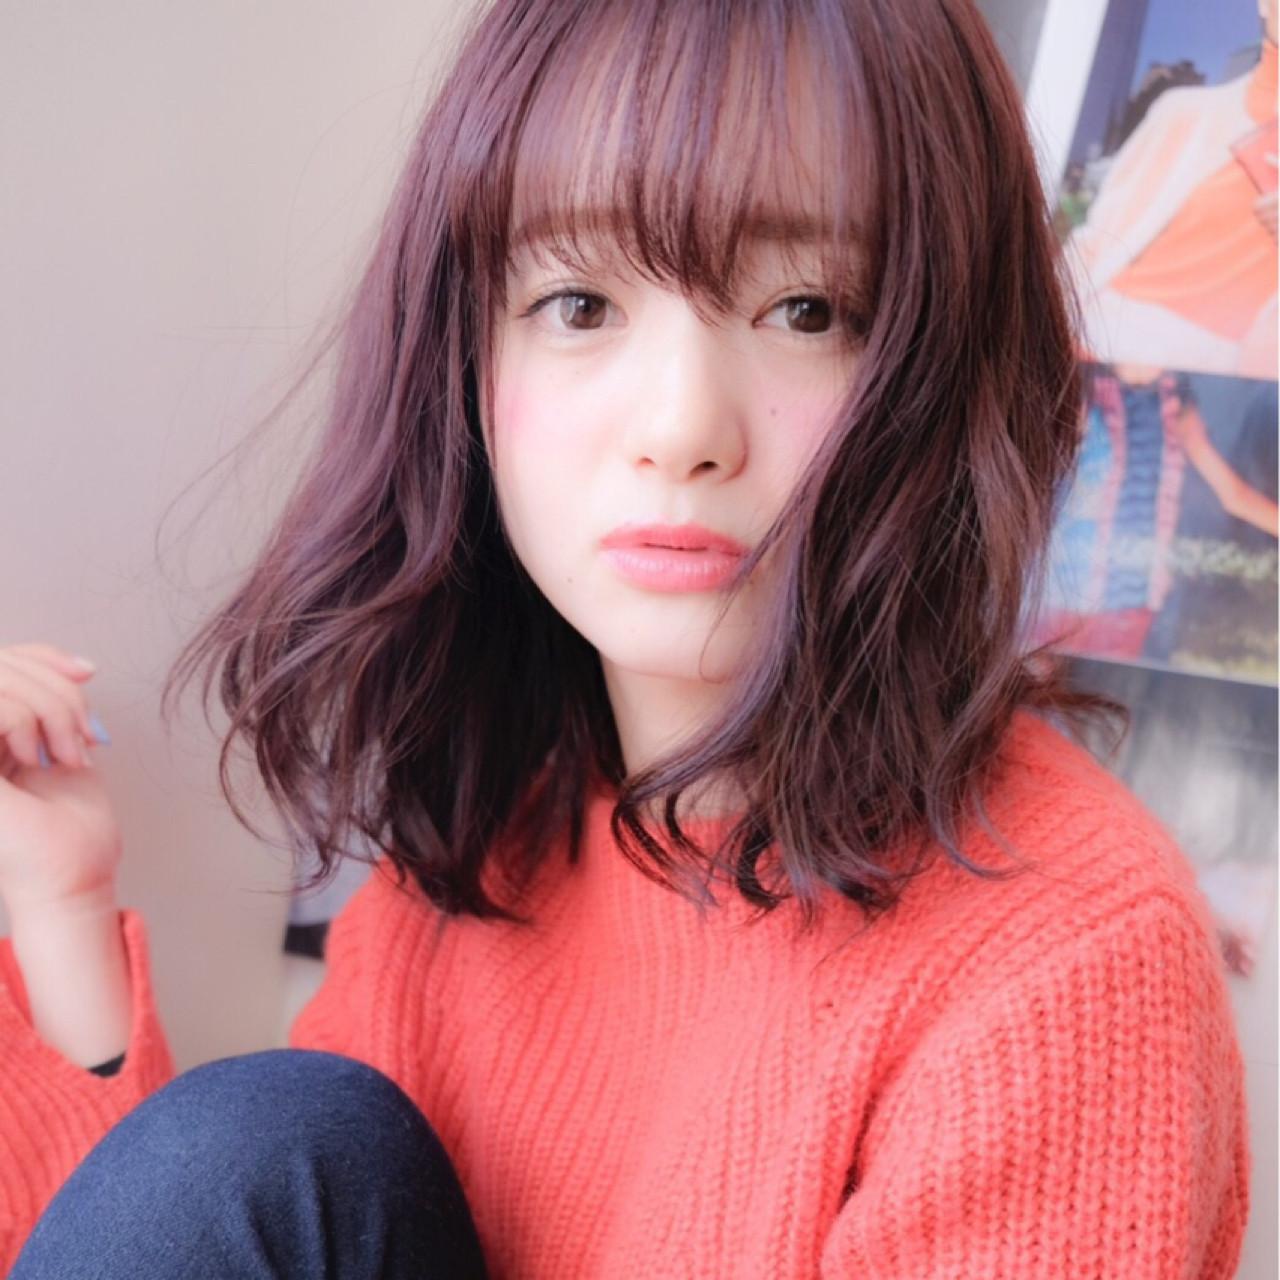 韓国発シースルーバングでピュア可愛く♡スタイル&アレンジ術 牛丸彩香